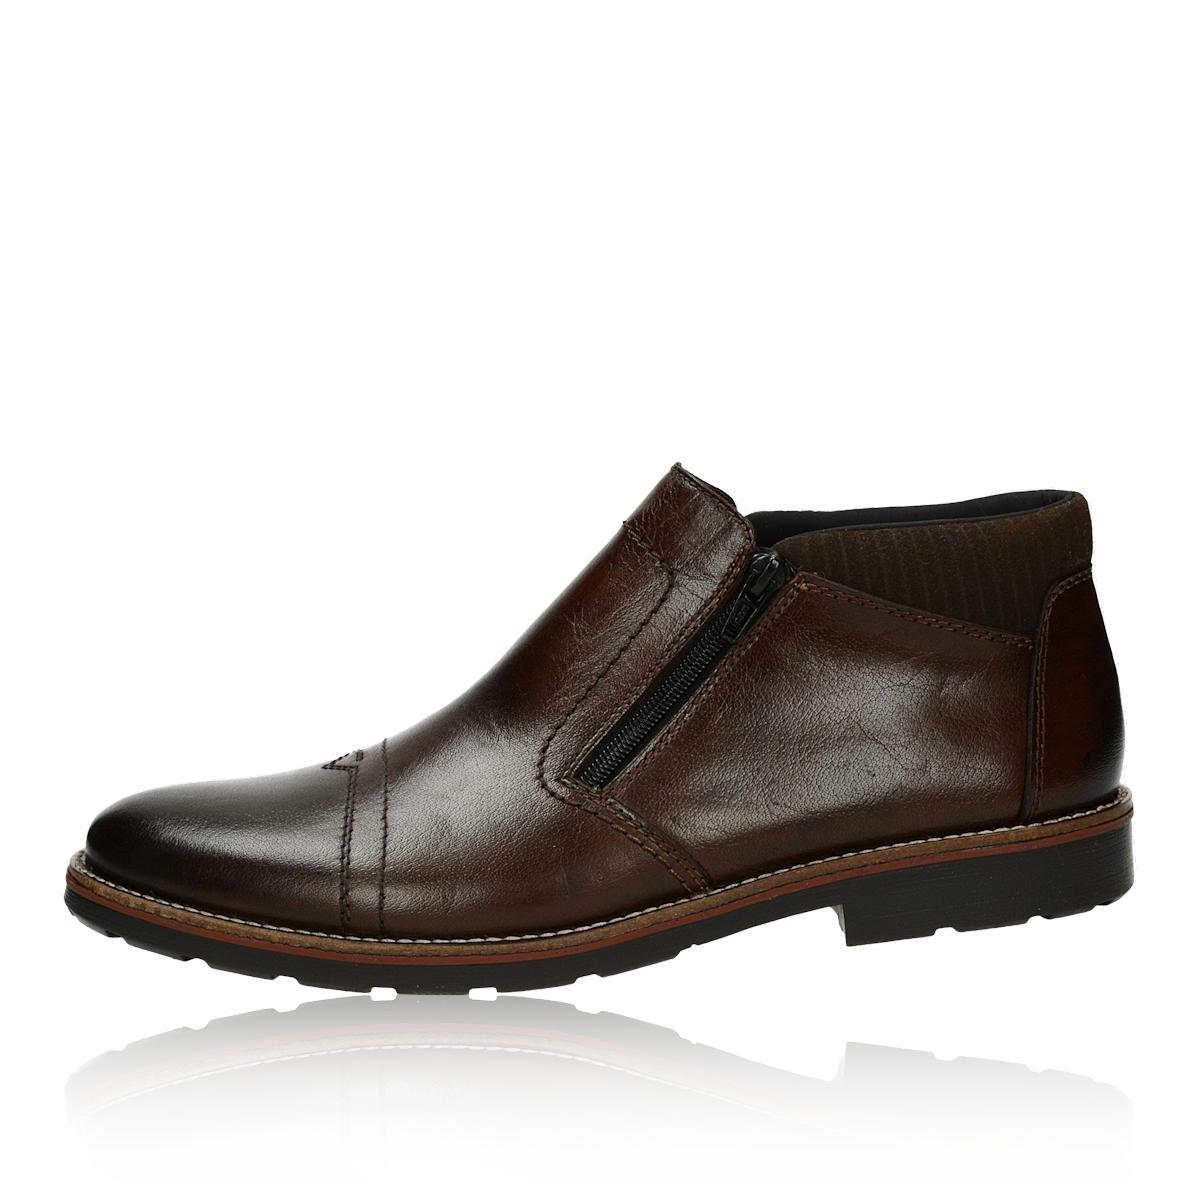 Rieker pánská kožená kotníková obuv - tmavohnědá Rieker pánská kožená  kotníková obuv - tmavohnědá ... 0b10f79ef90